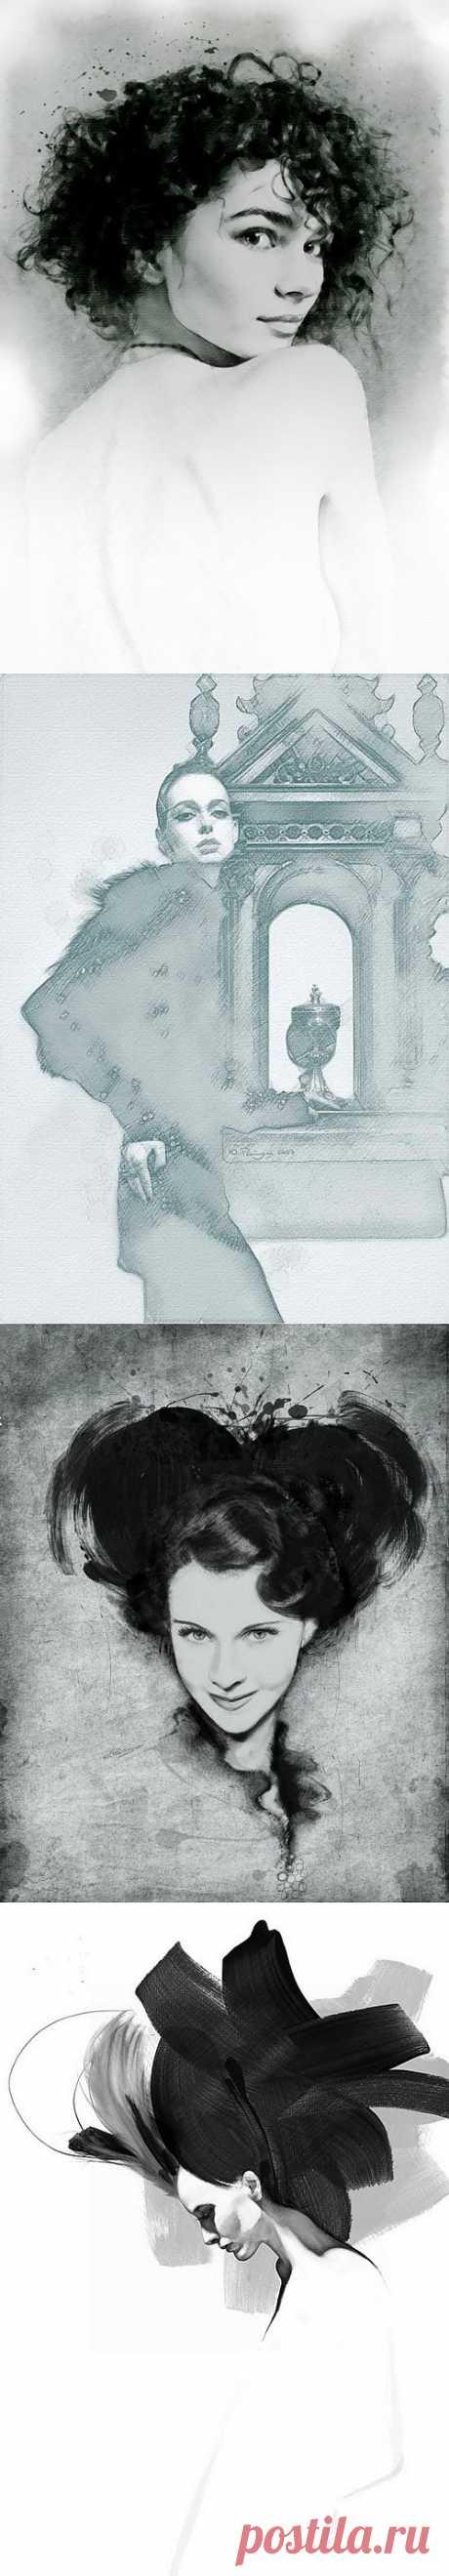 Юрий Ратуш - Женский образ (28 работ) » Картины, художники, фотографы на Nevsepic